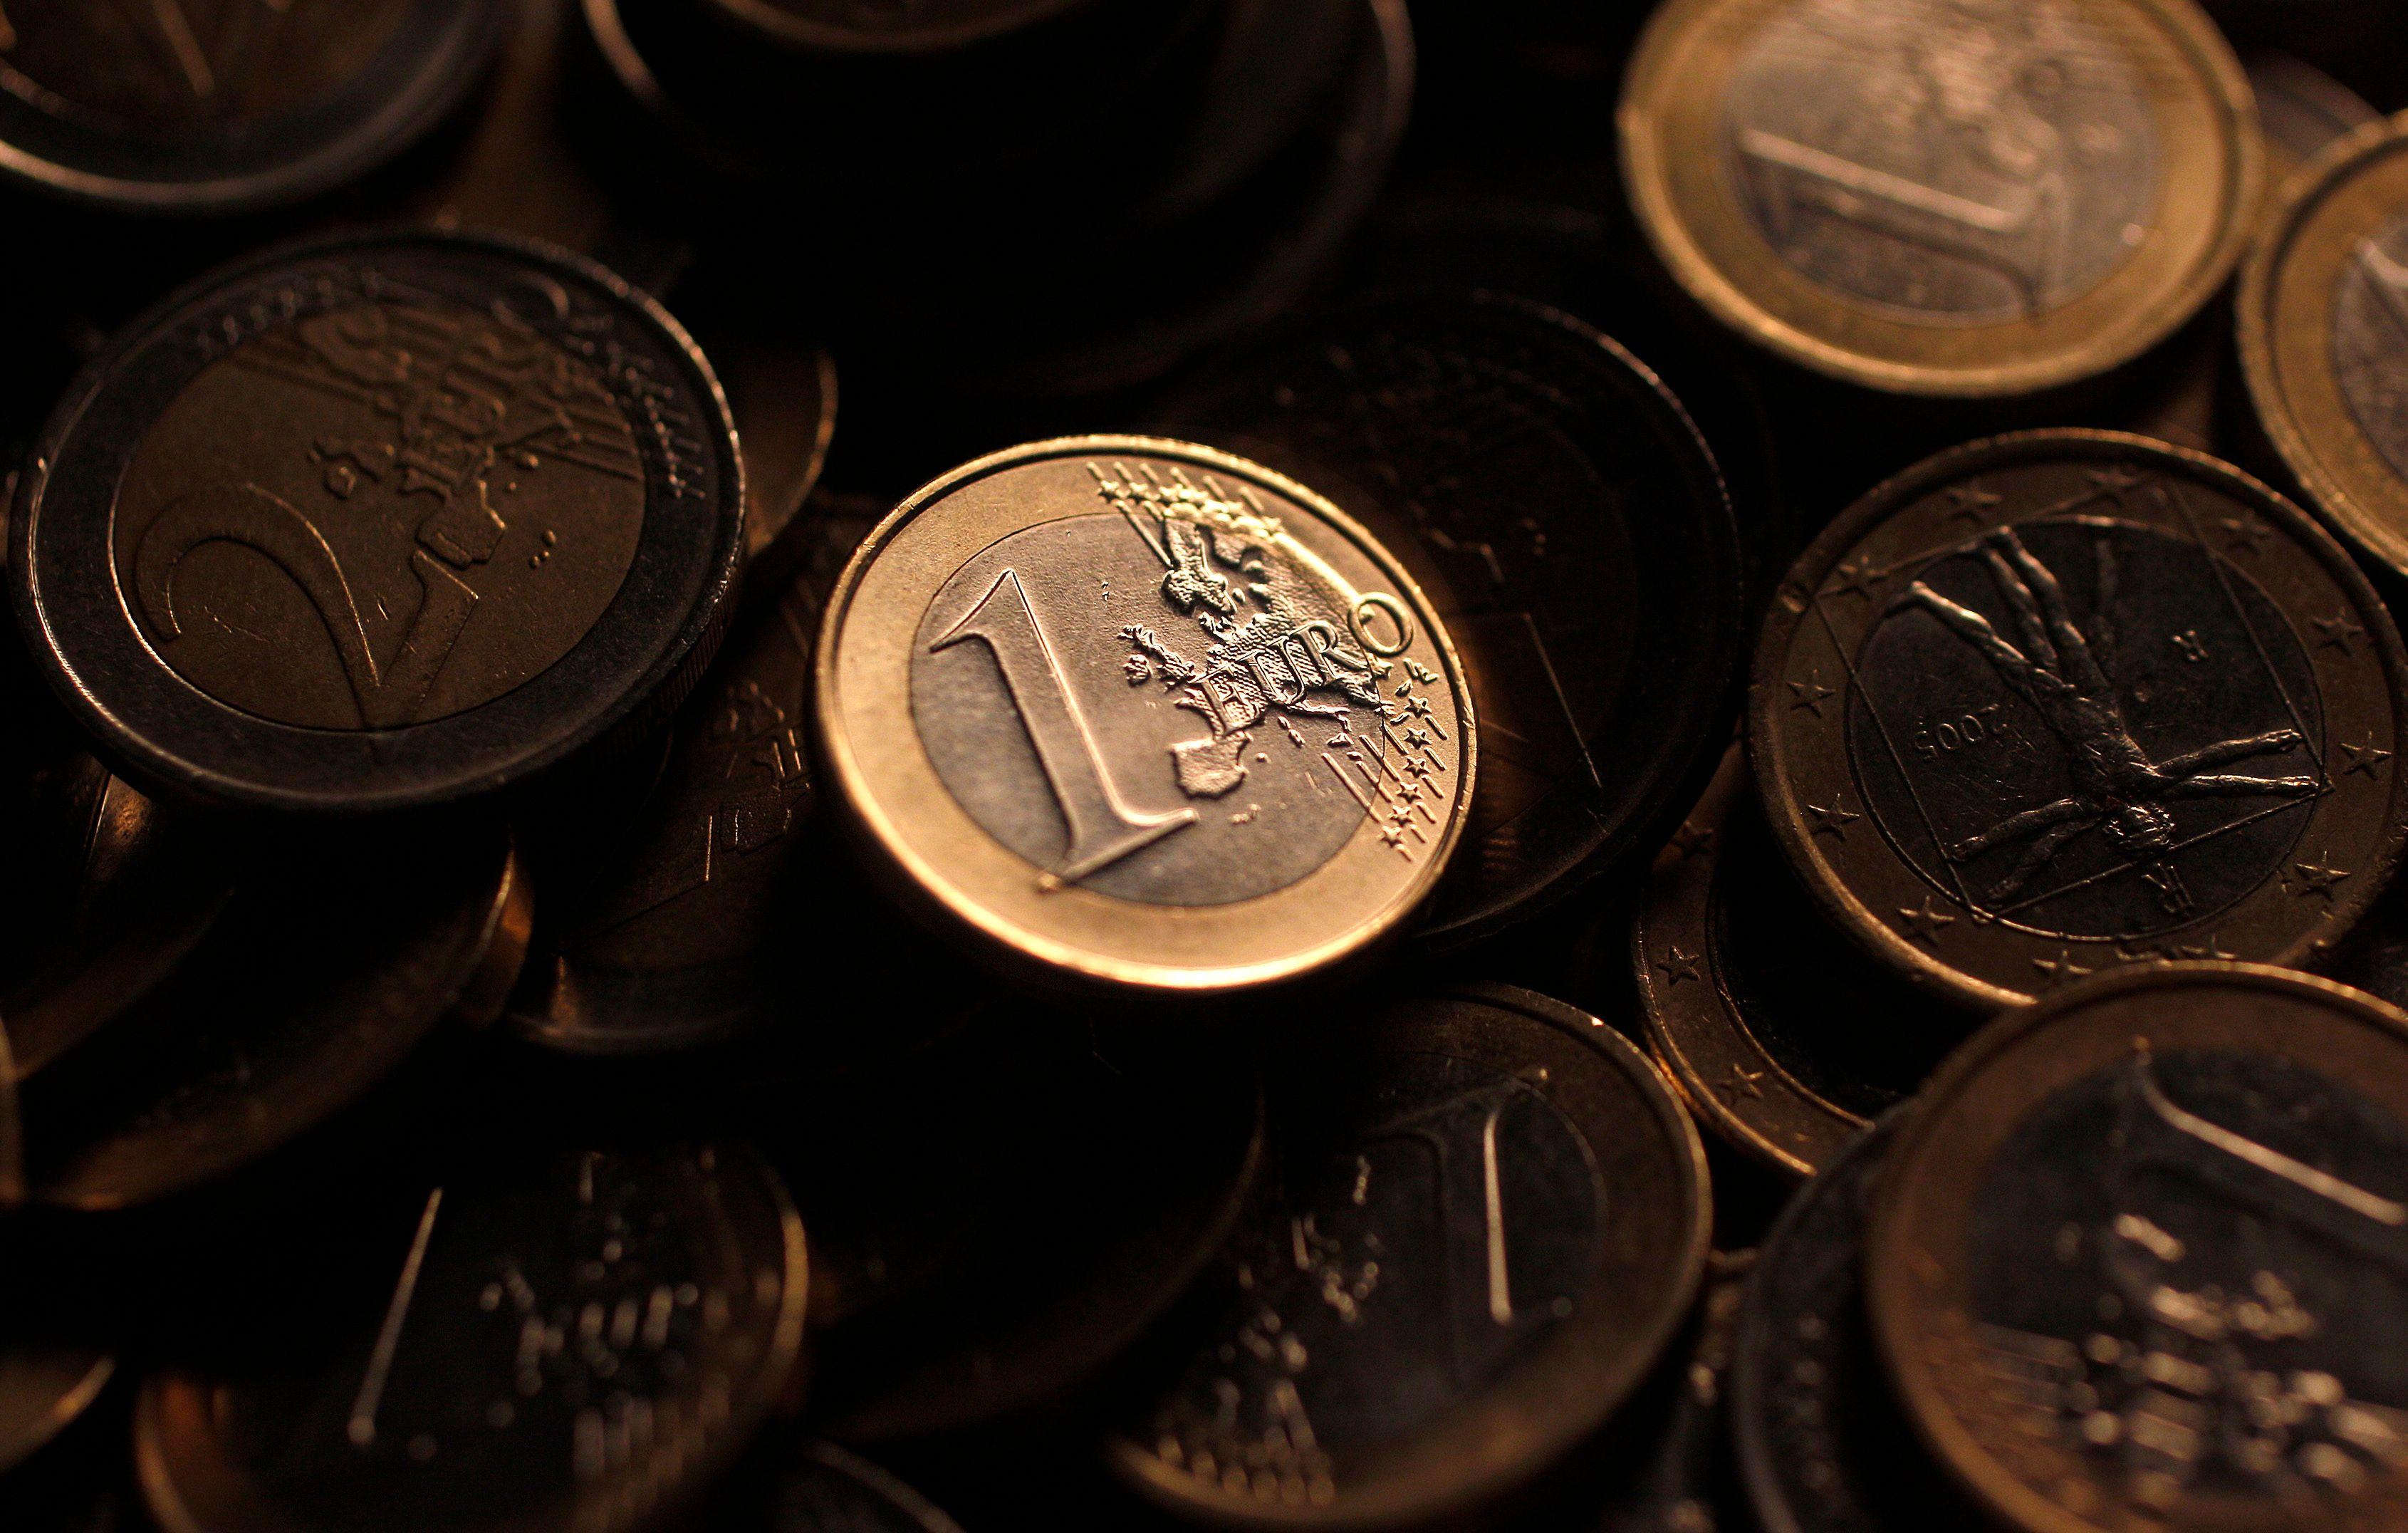 La croissance de la zone euro est stable au troisième trimestre, à 0,3 %